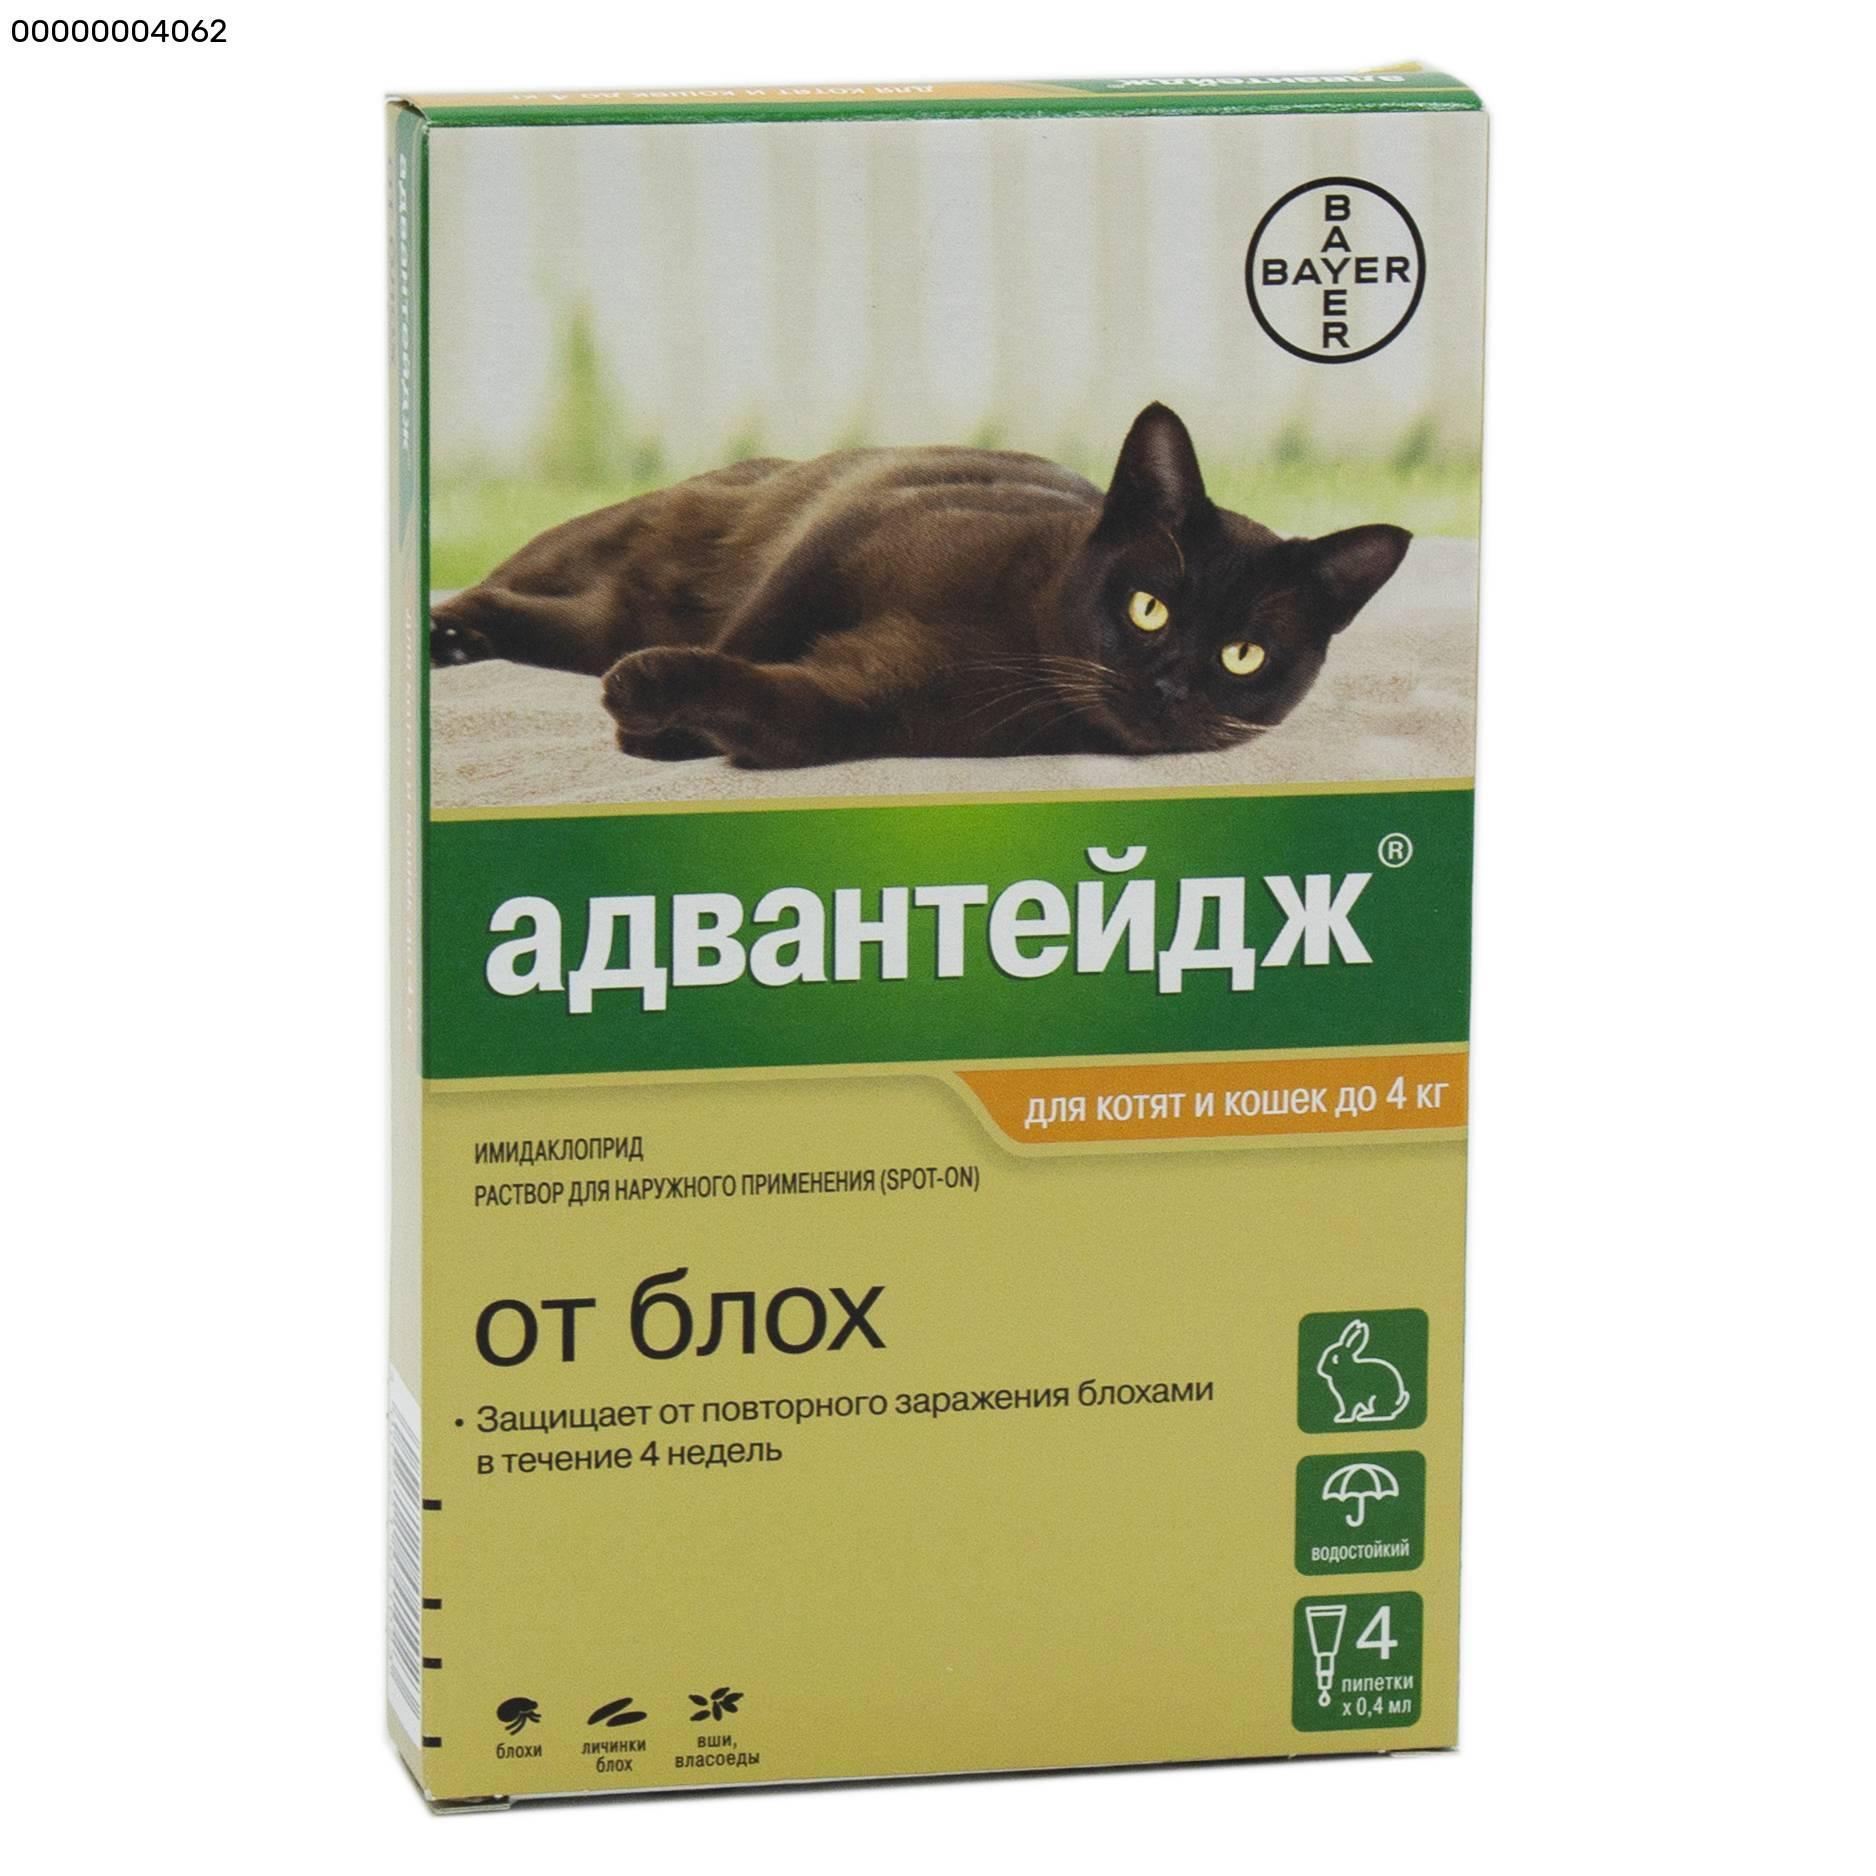 Капли для котят и кошек bayer адвантейдж от блох весом до 4кг, 1 пипетка в упаковке (капли, 0.4 мл) - цена, купить онлайн в санкт-петербурге, интернет-магазин зоотоваров - все аптеки